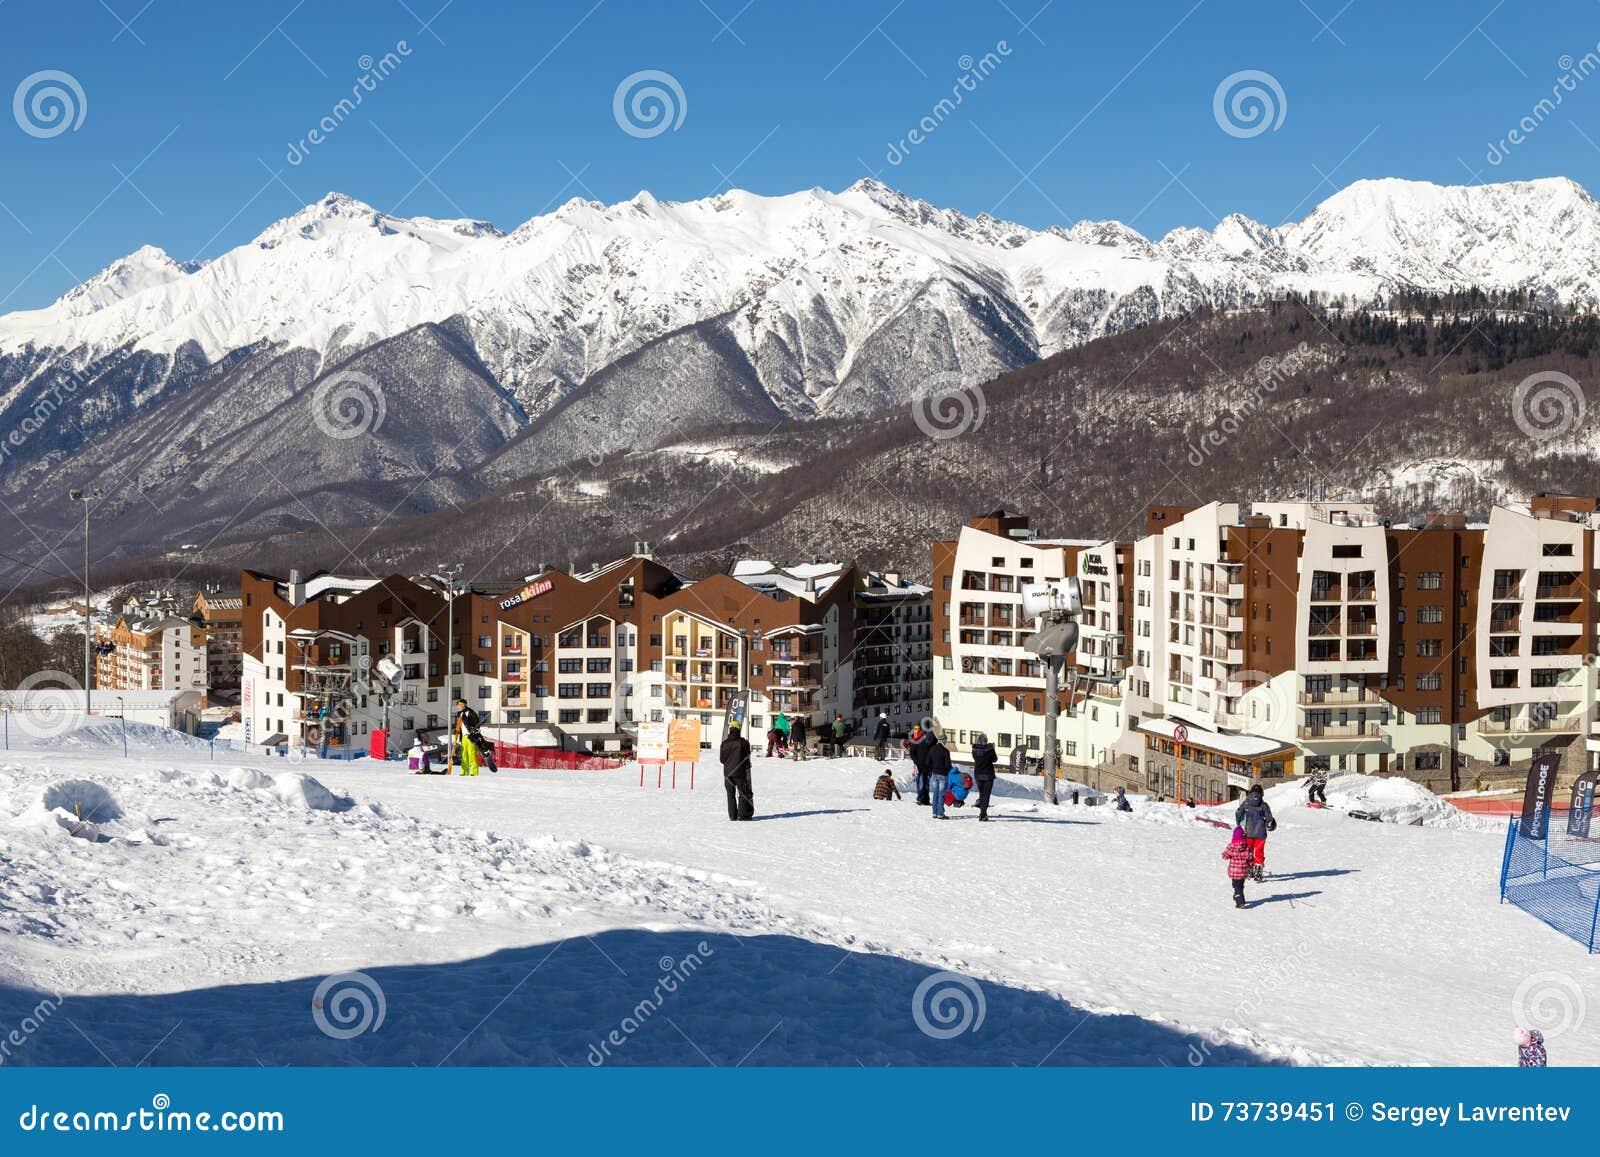 The best ski resorts of Krasnodar region 10